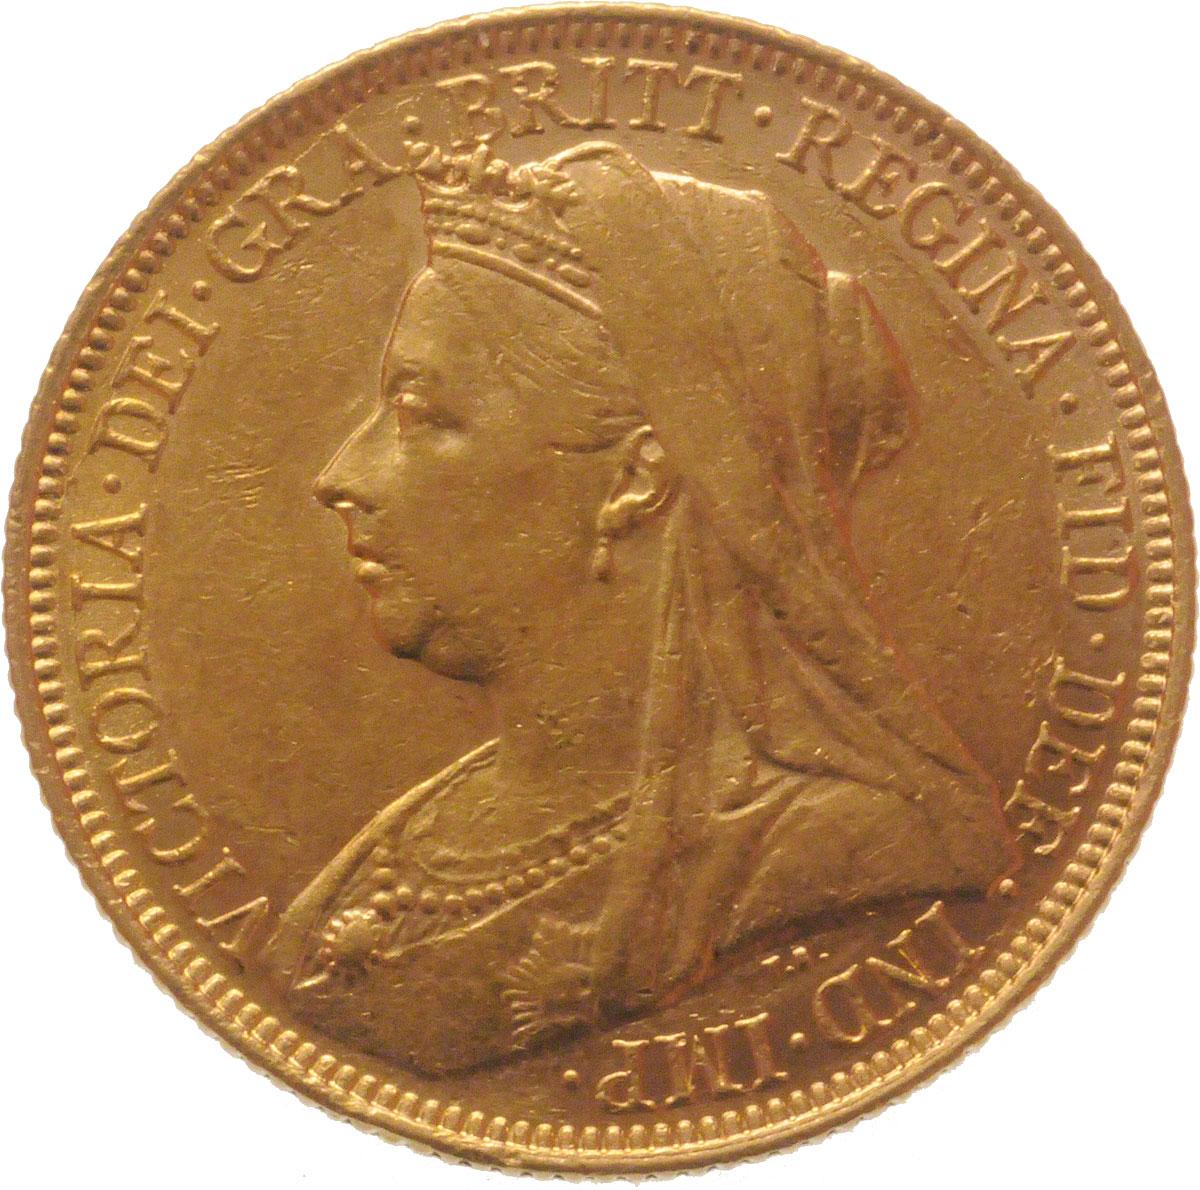 1900 Βικτώρια (Νομισματοκοπείο Σίδνεϊ)